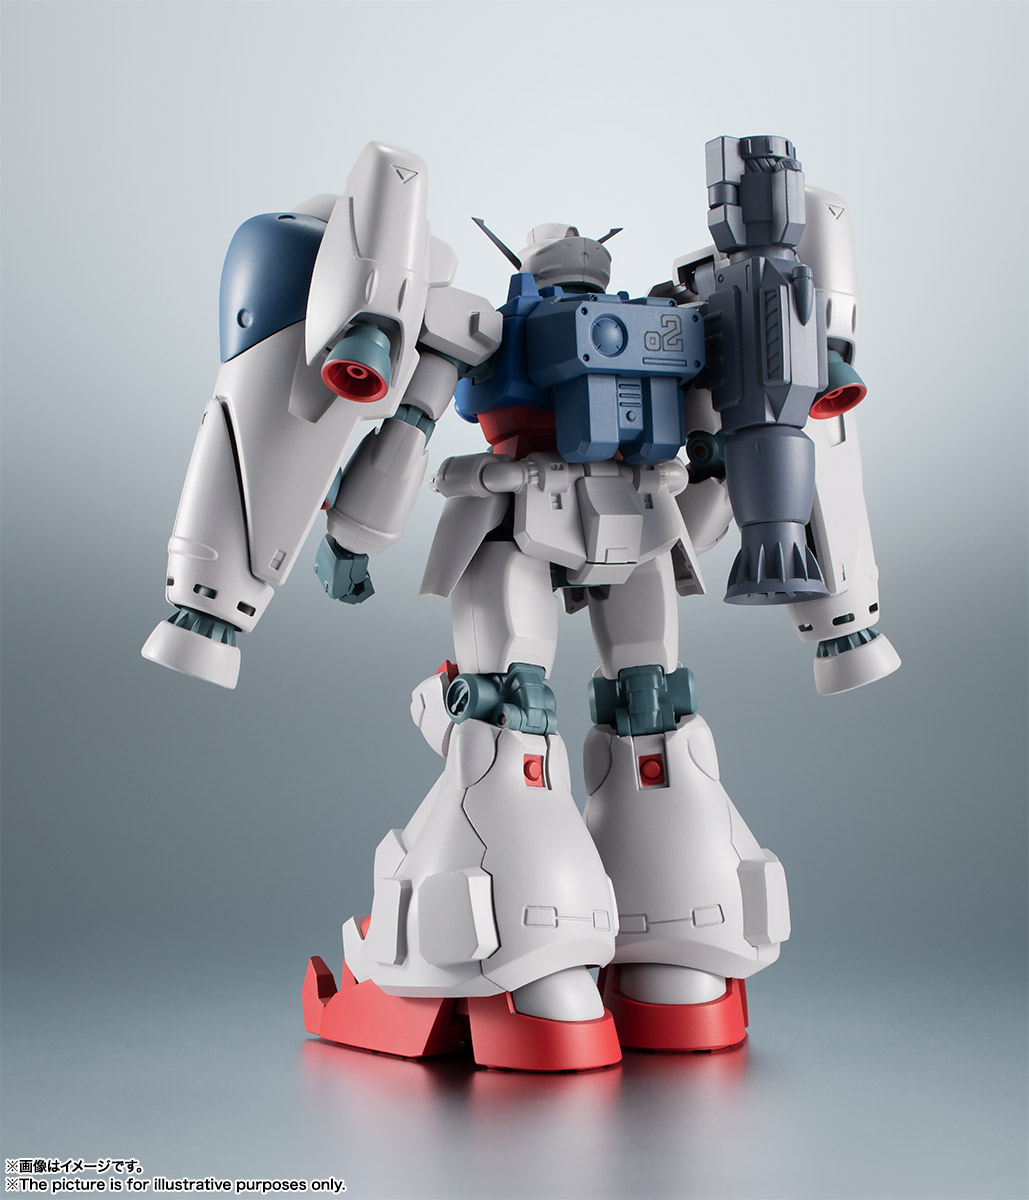 【再販】ROBOT魂〈SIDE MS〉『RX-78GP02A ガンダム試作2号機 ver. A.N.I.M.E.』機動戦士ガンダム0083 可動フィギュア-002